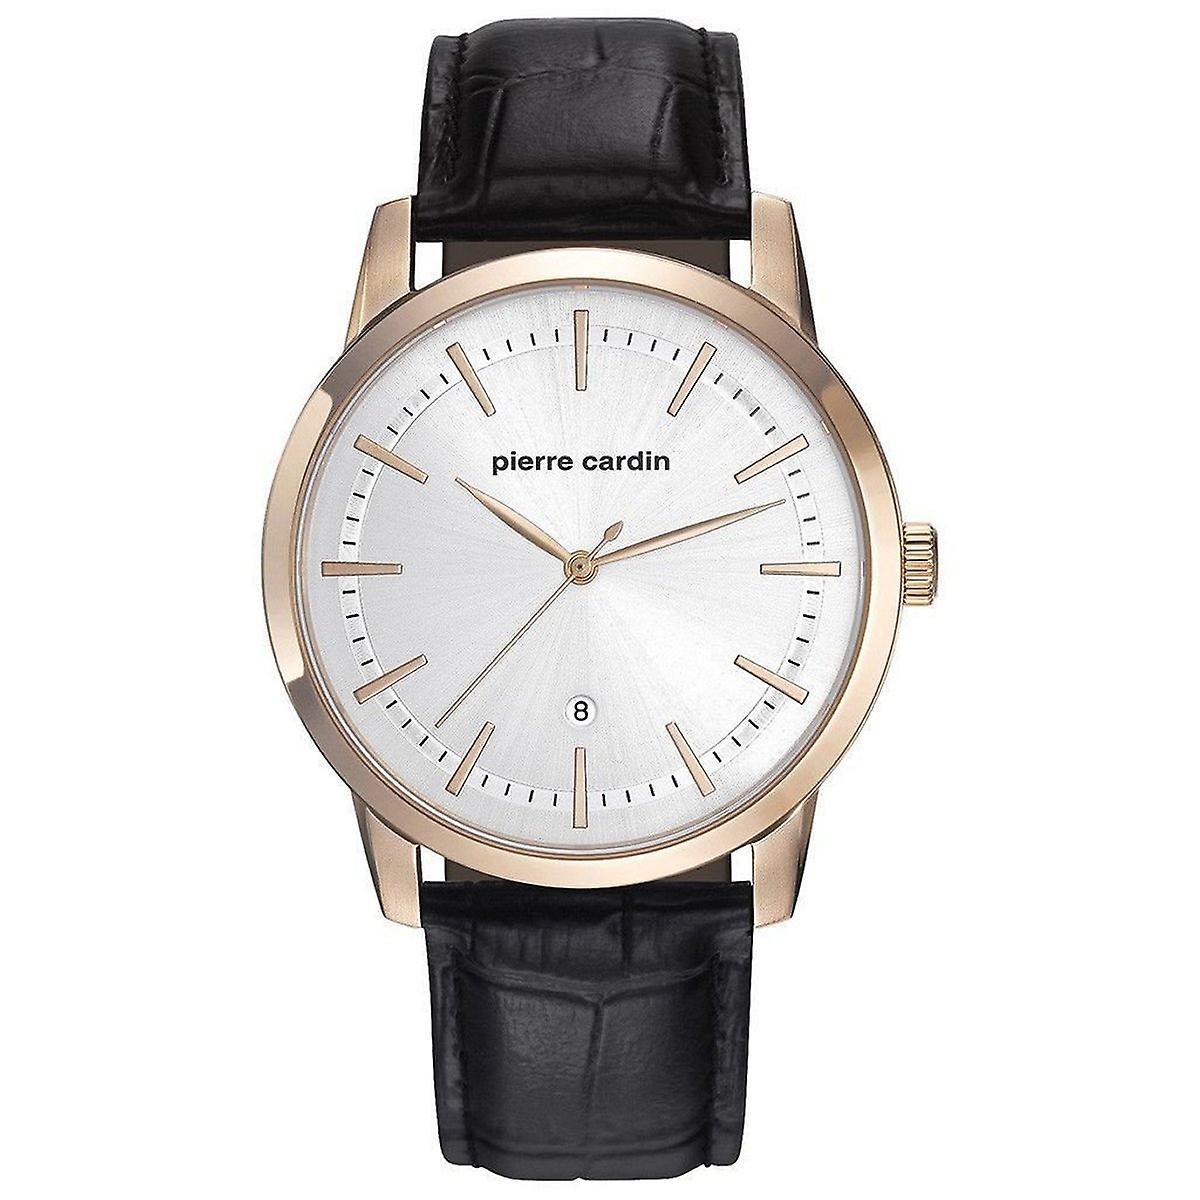 Pierre Cardin Herren Uhr Armbanduhr ALFORT Leder PC901861F02